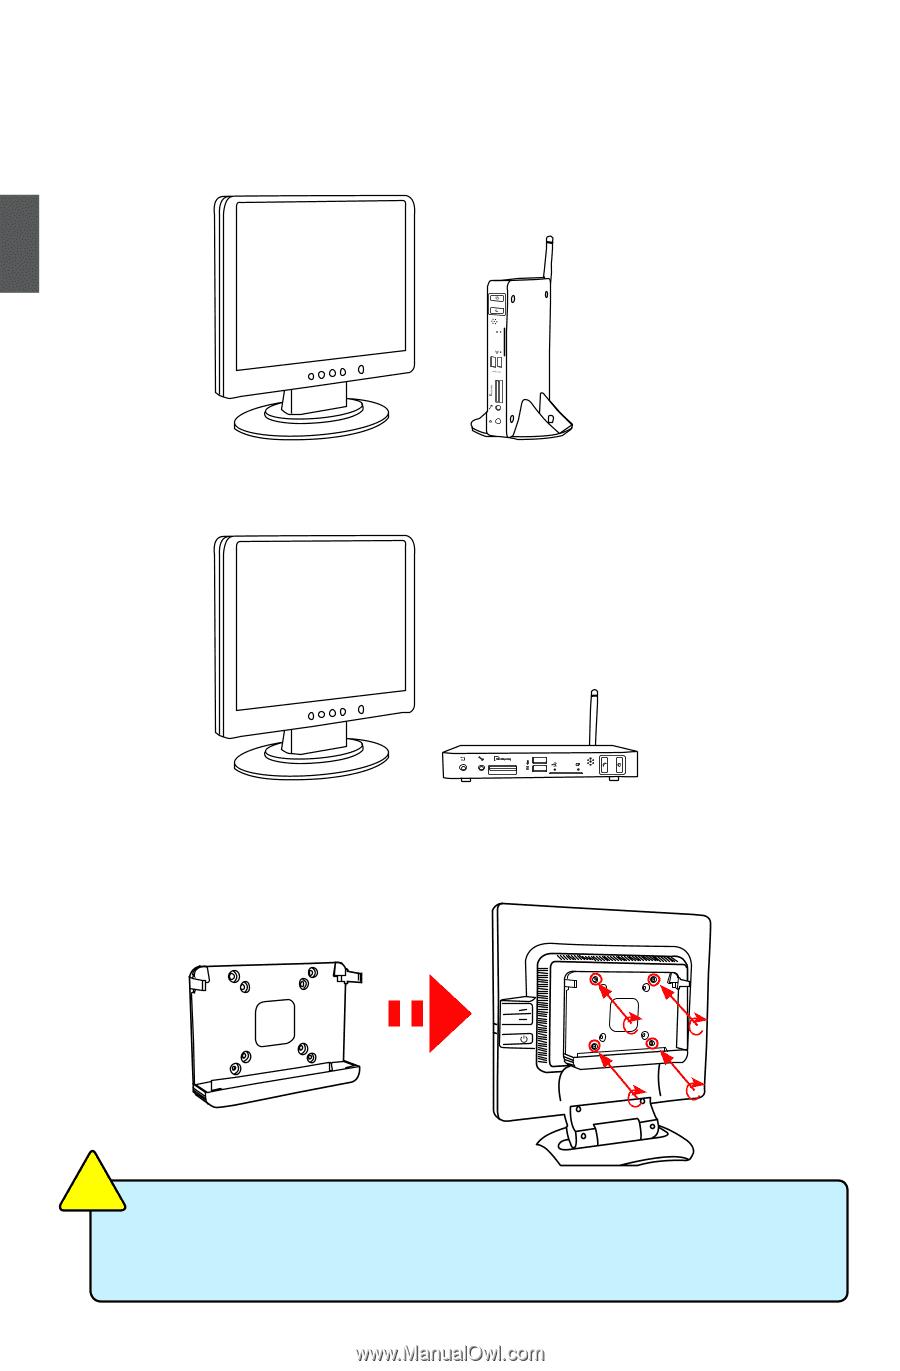 Foxconn nT-535 Chrontel Control Treiber Herunterladen